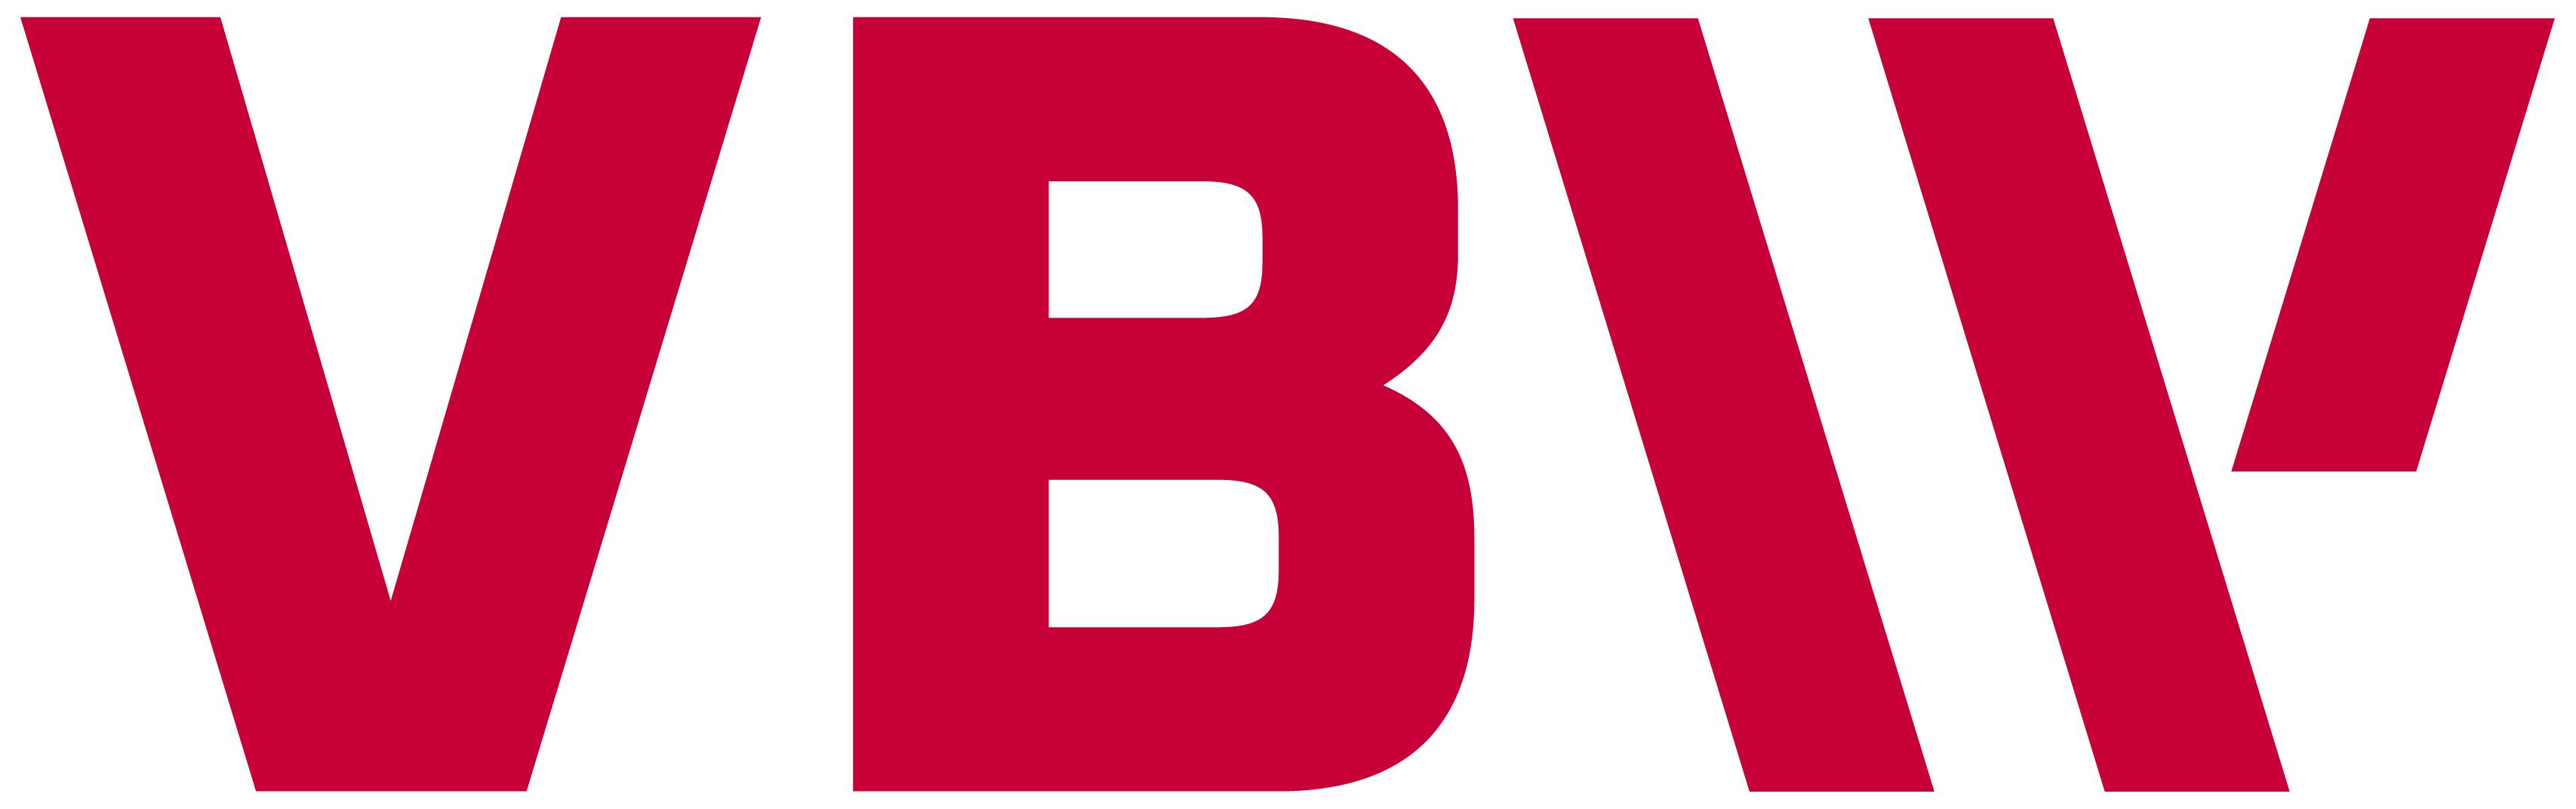 VBW-Logo-2019